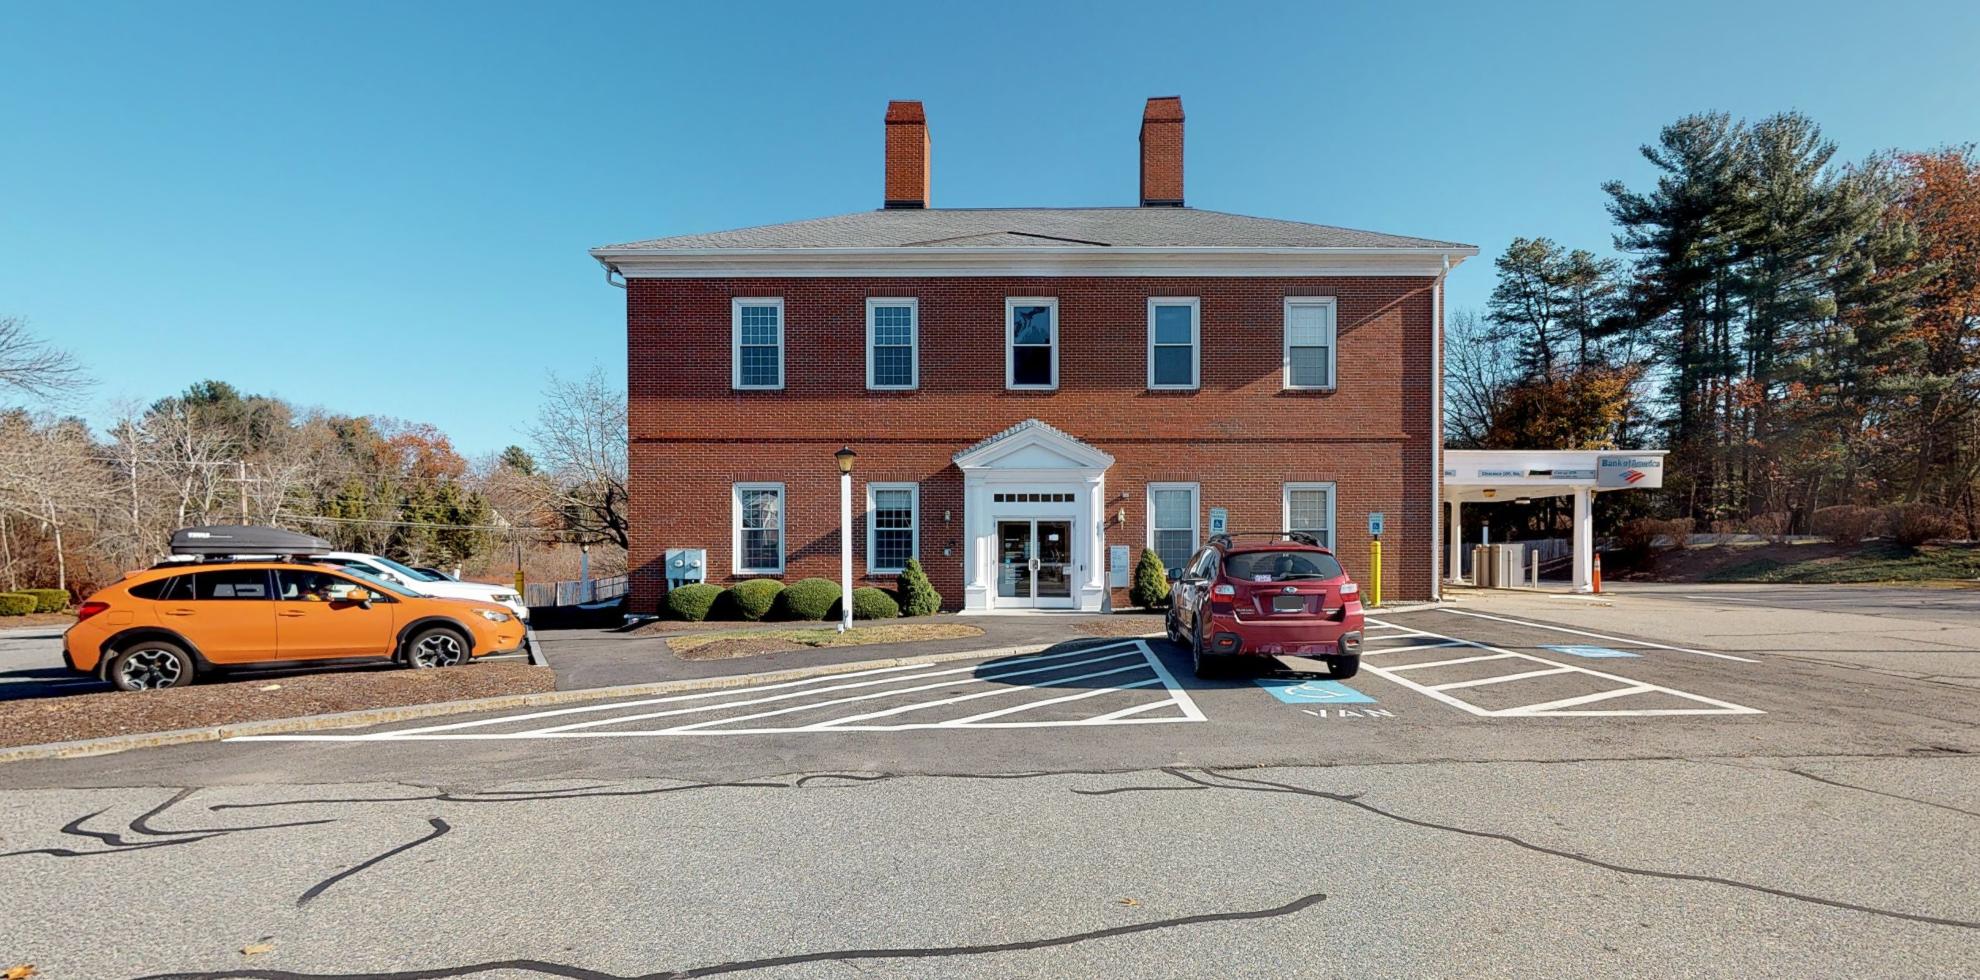 Bank of America financial center with drive-thru ATM | 31 Plaistow Rd, Plaistow, NH 03865